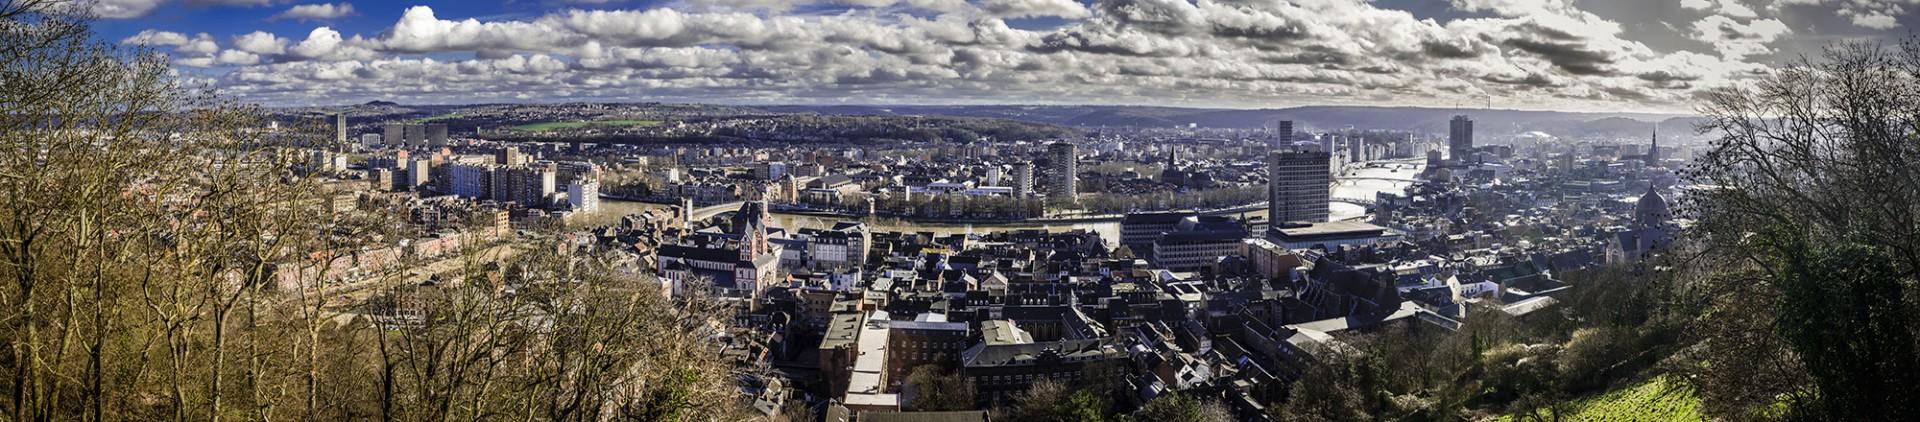 Liège - Cité Ardente